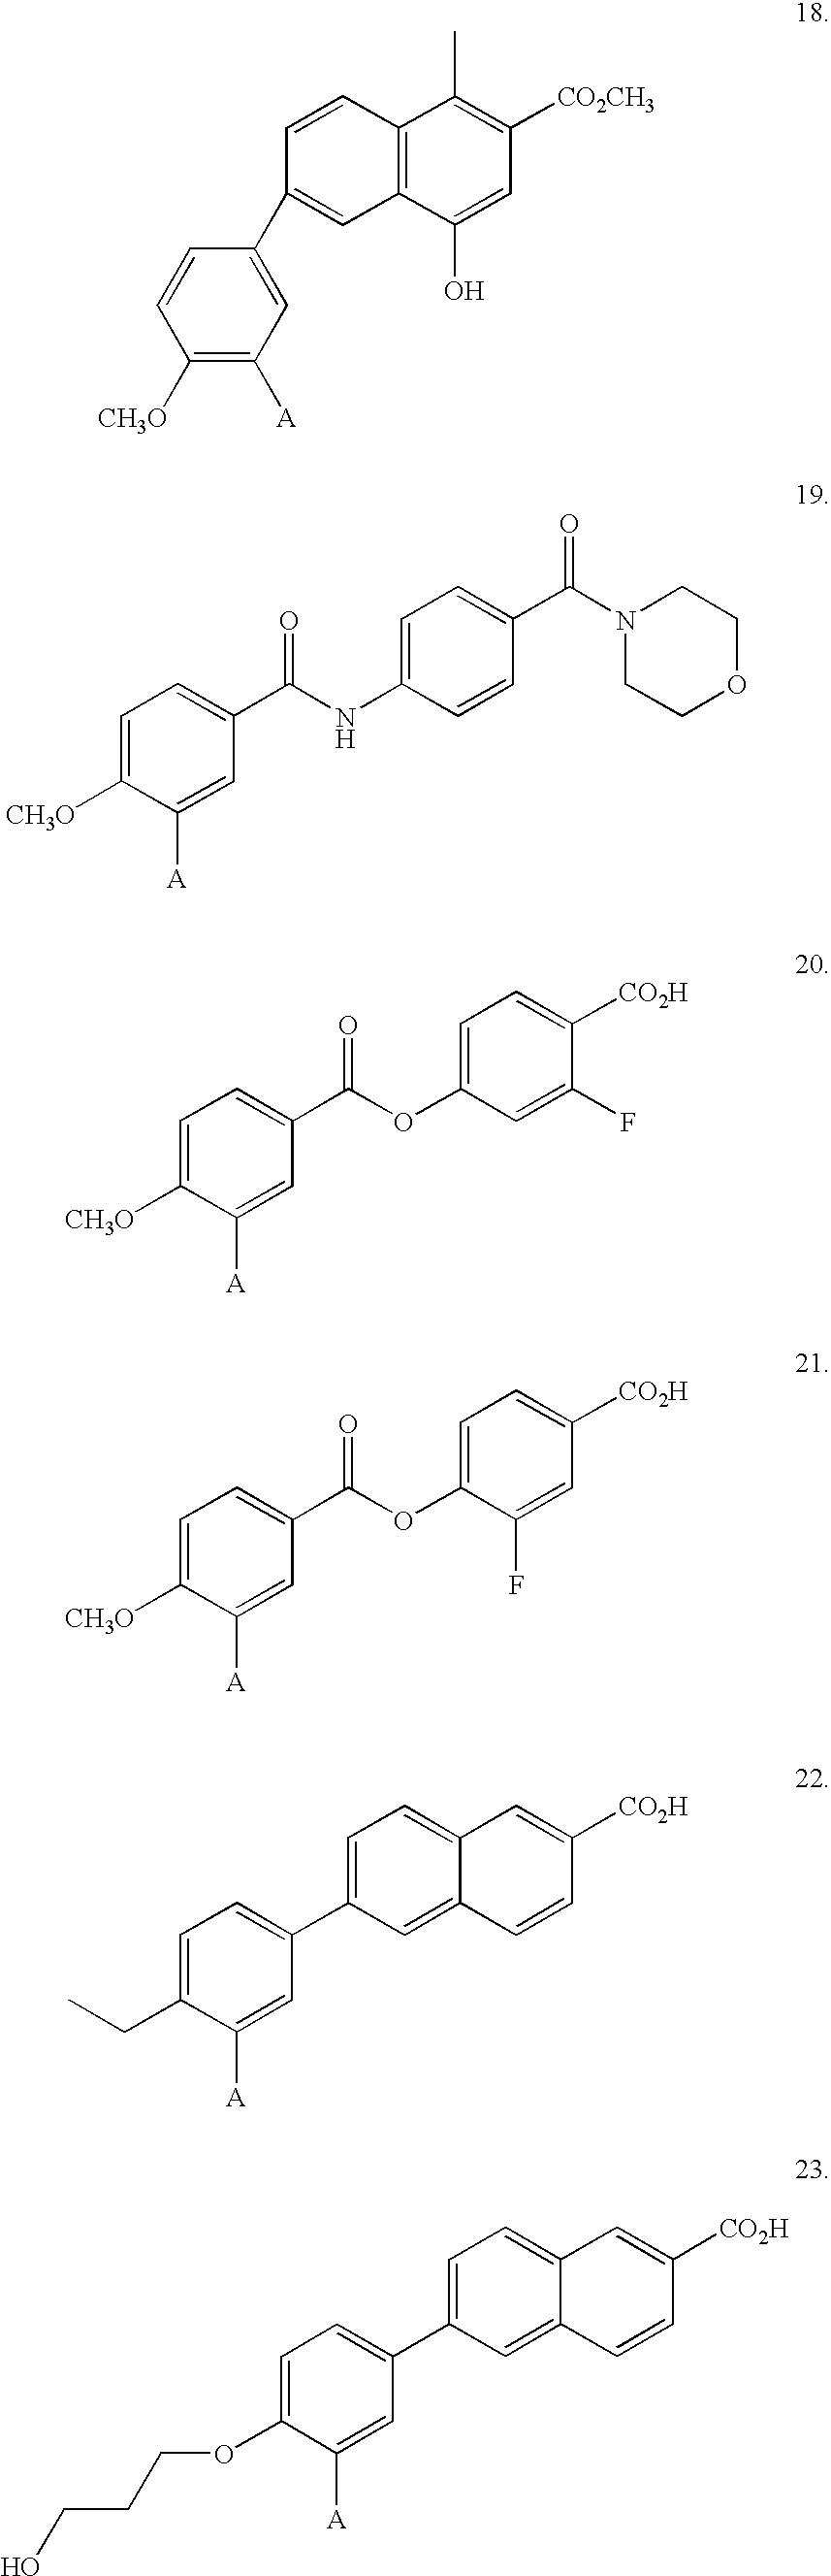 Figure US06462064-20021008-C00029